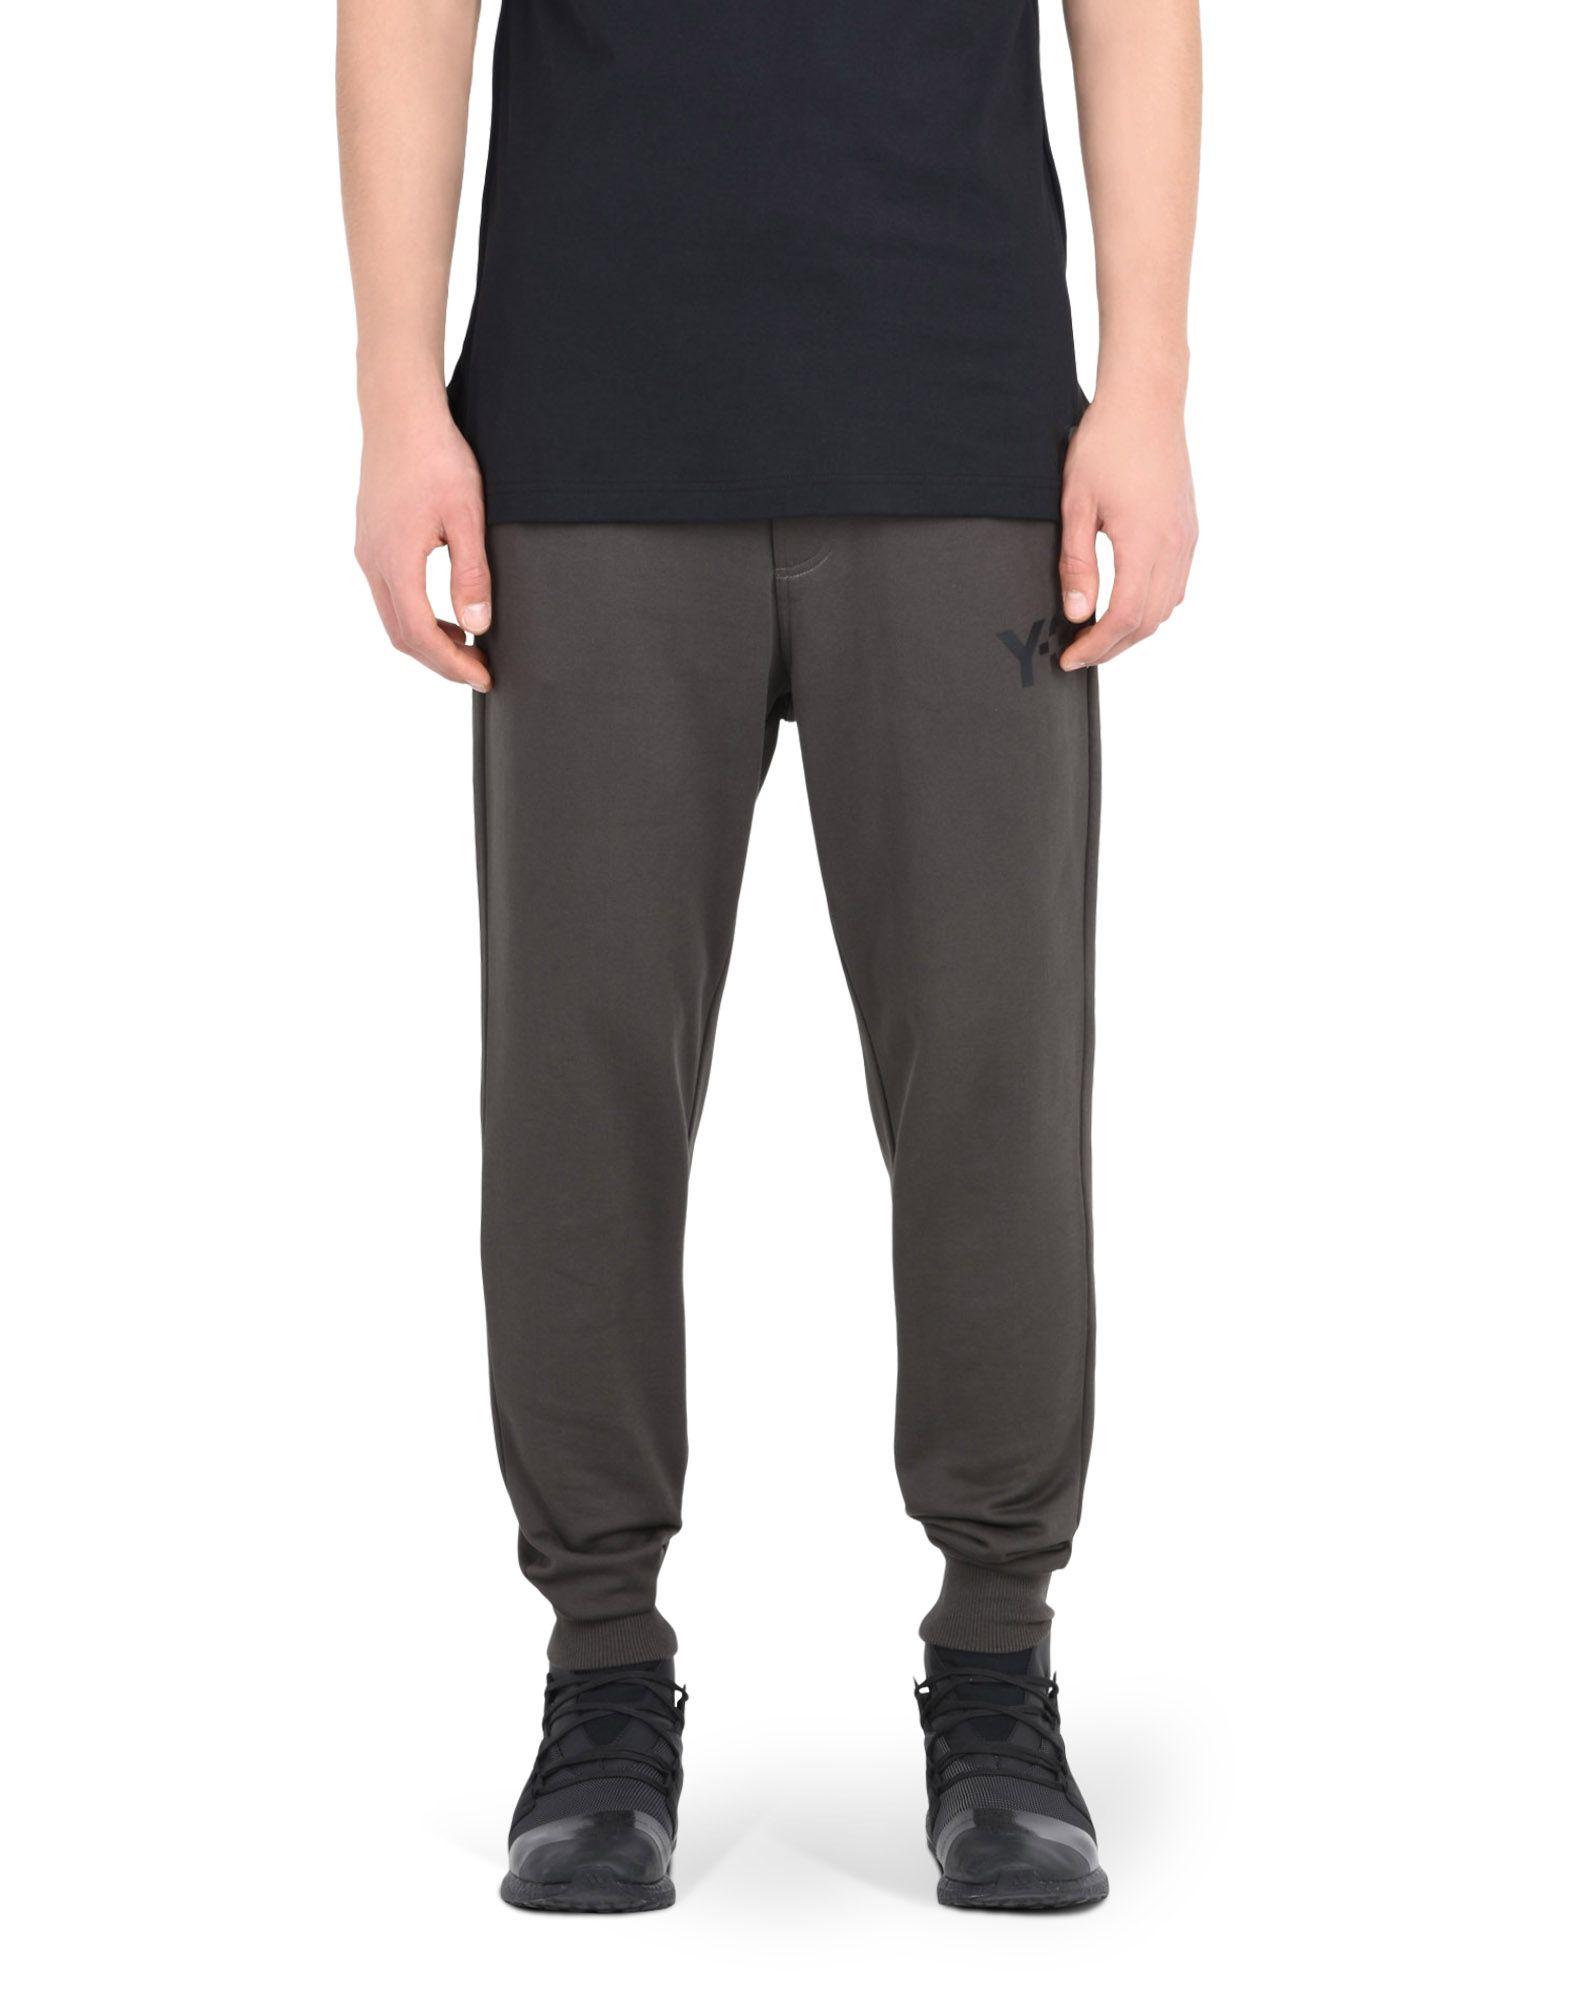 Y-3 Y-3 CLASSIC CUFFED PANT Sweatpants Man r